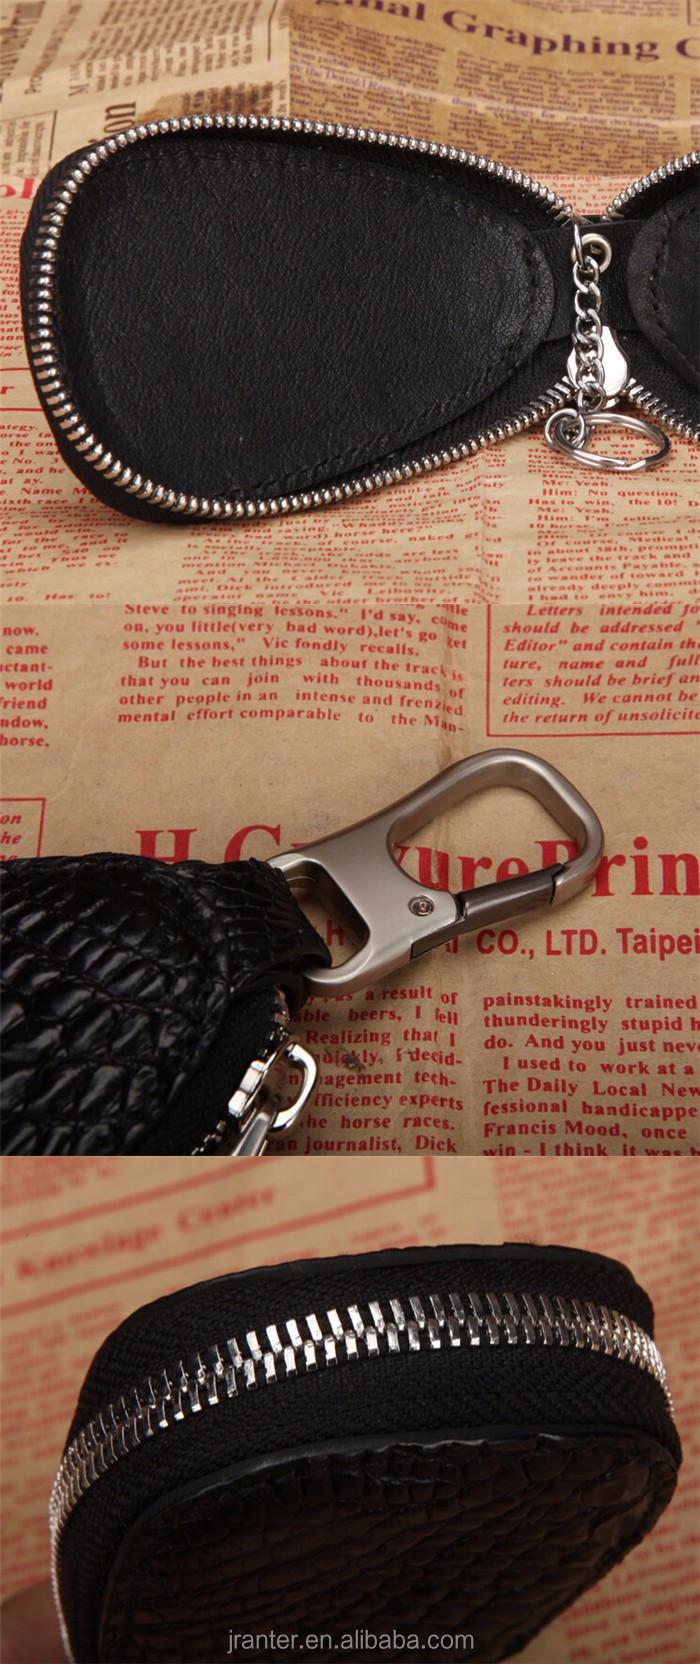 Luxury handmade key case for car genuine crocodile leather car key case for BMW TOYOTA _10